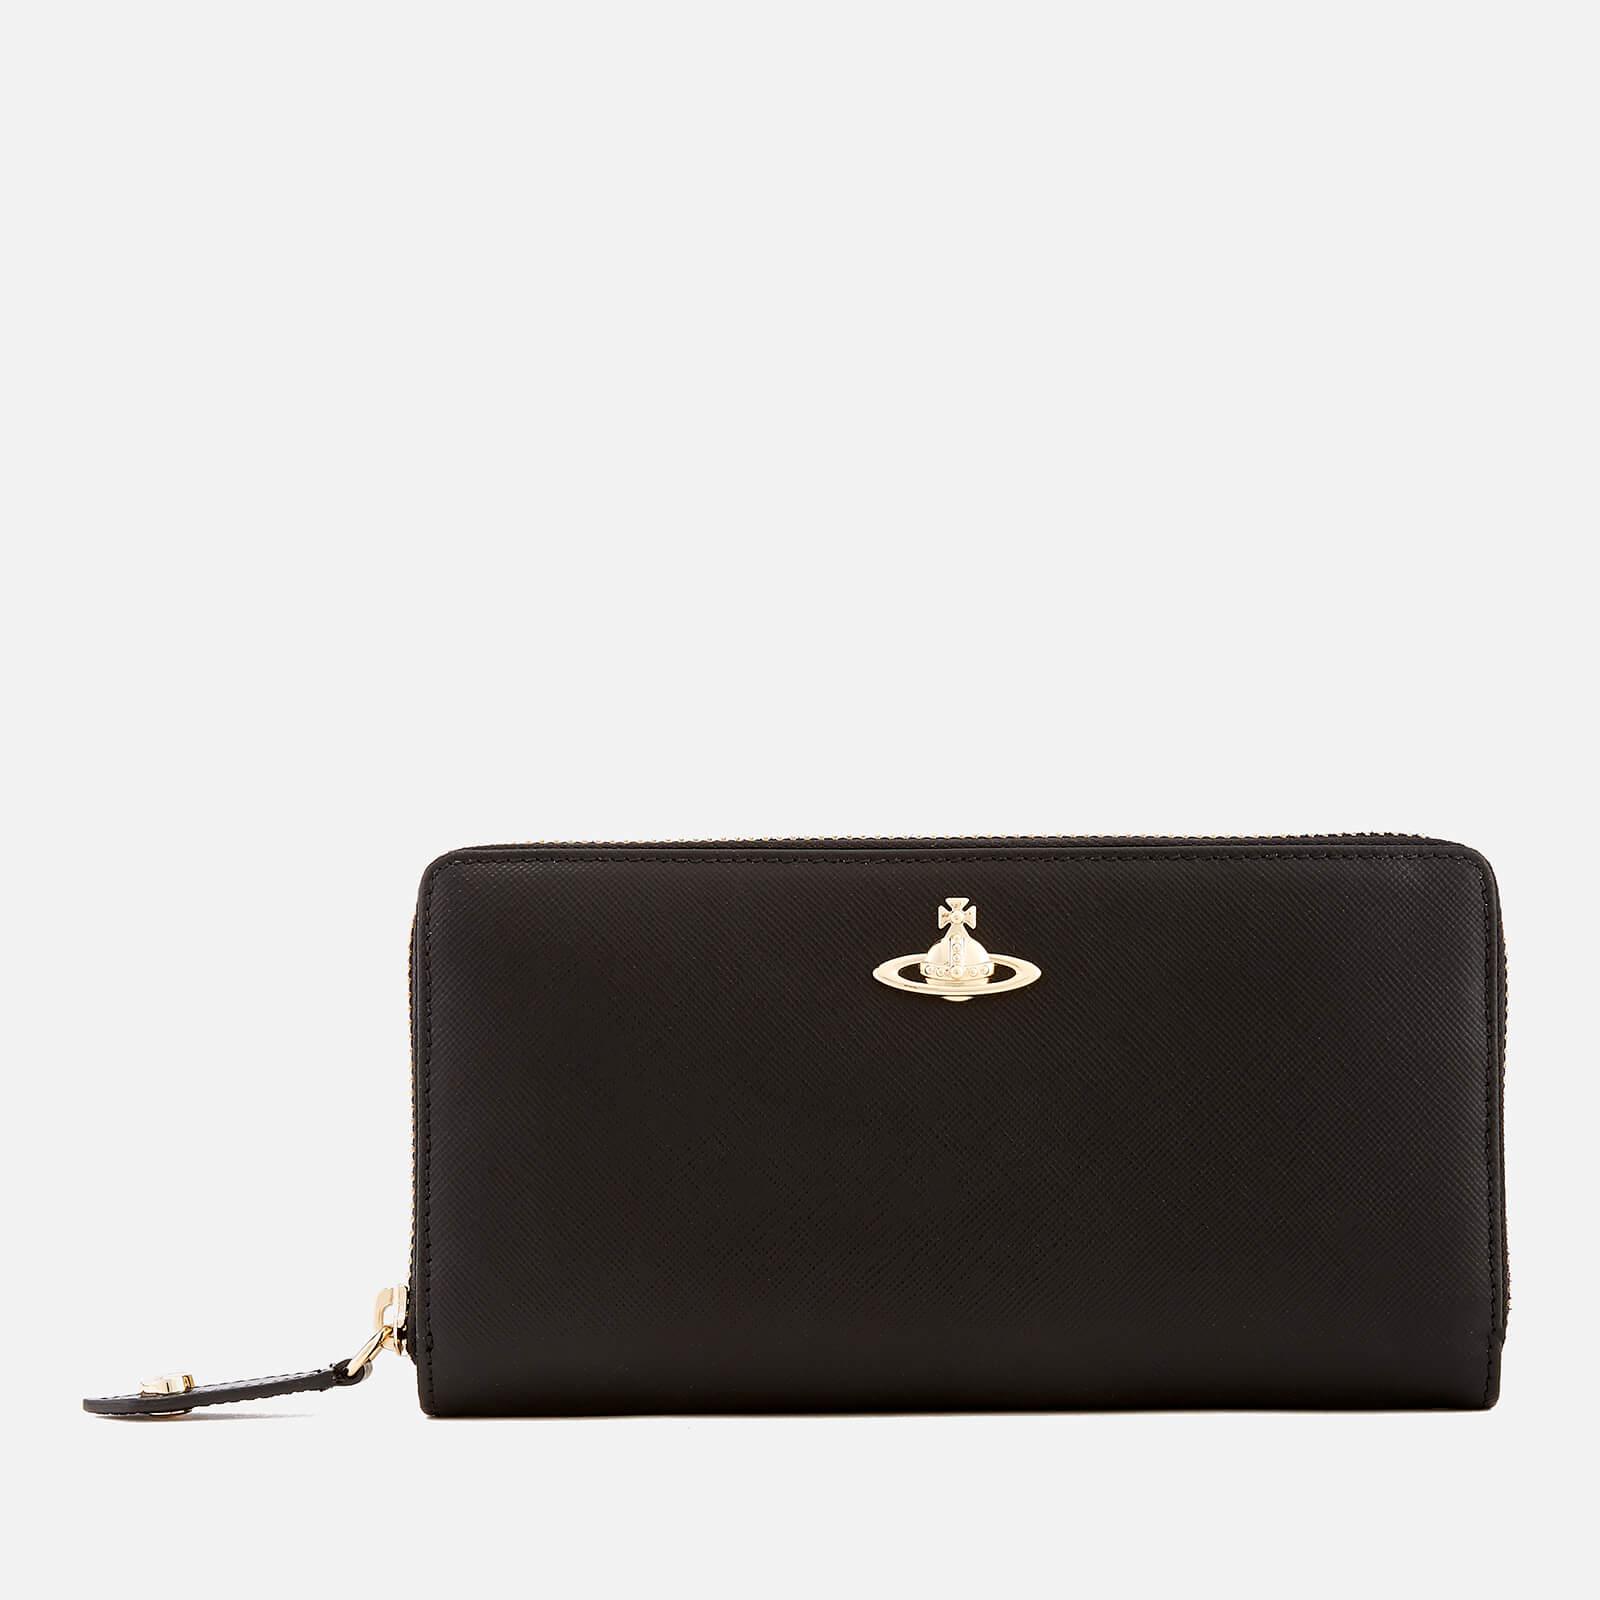 17a214ee75d Vivienne Westwood Women's Opio Saffiano Zip Around Wallet - Black - Free UK  Delivery over £50